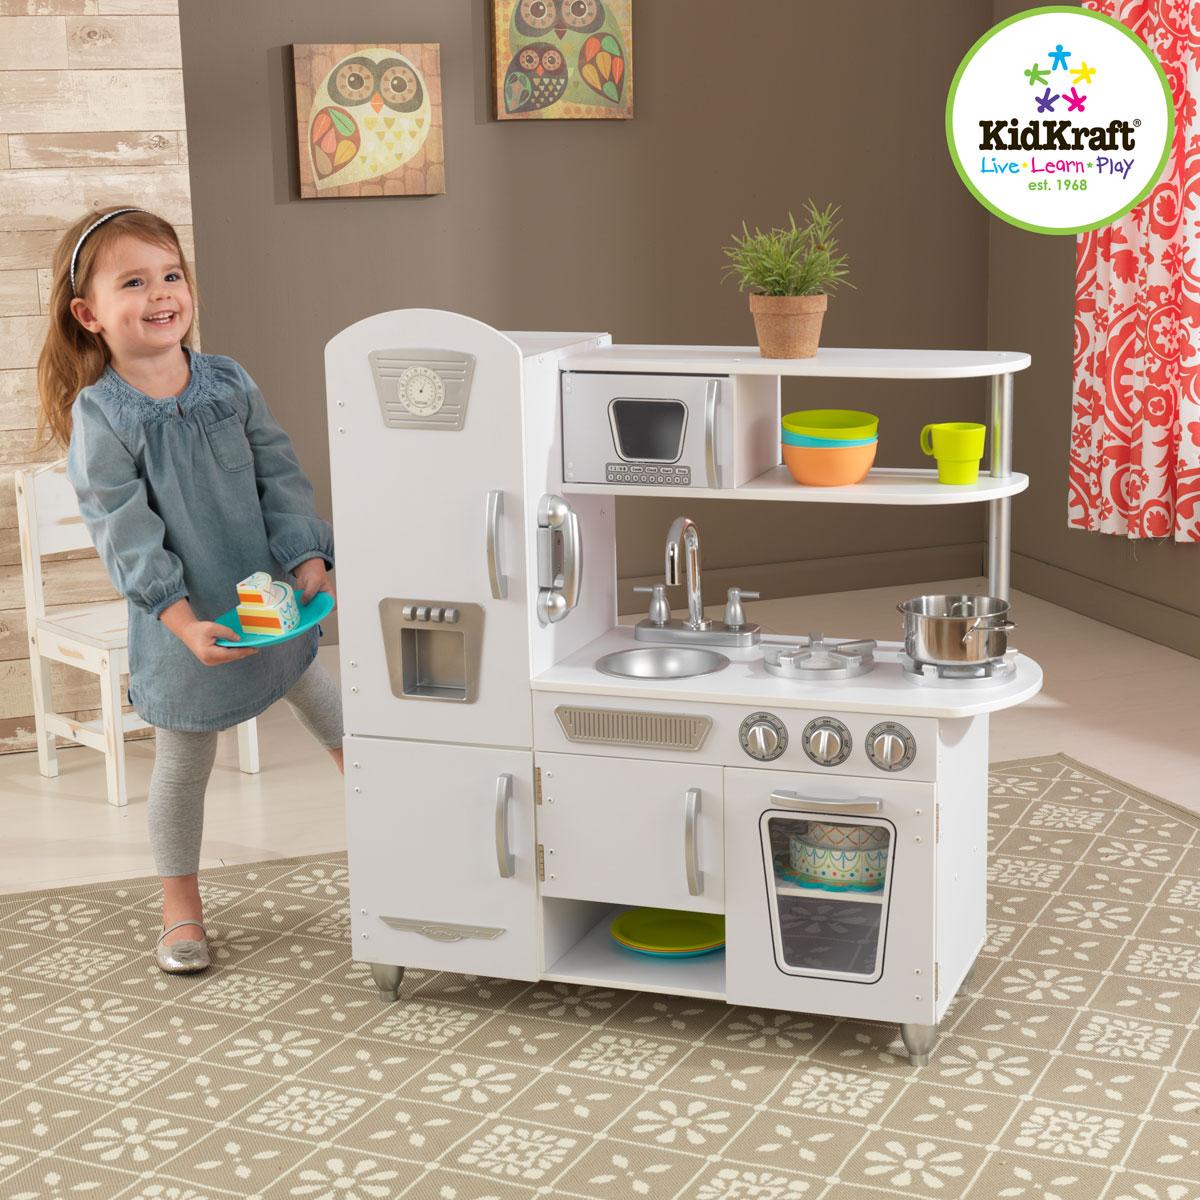 kidkraft weiße retro-küche 53208 aus holz - pirum-holzspielzeuge.de - Kidkraft Weiße Retro Küche 53208